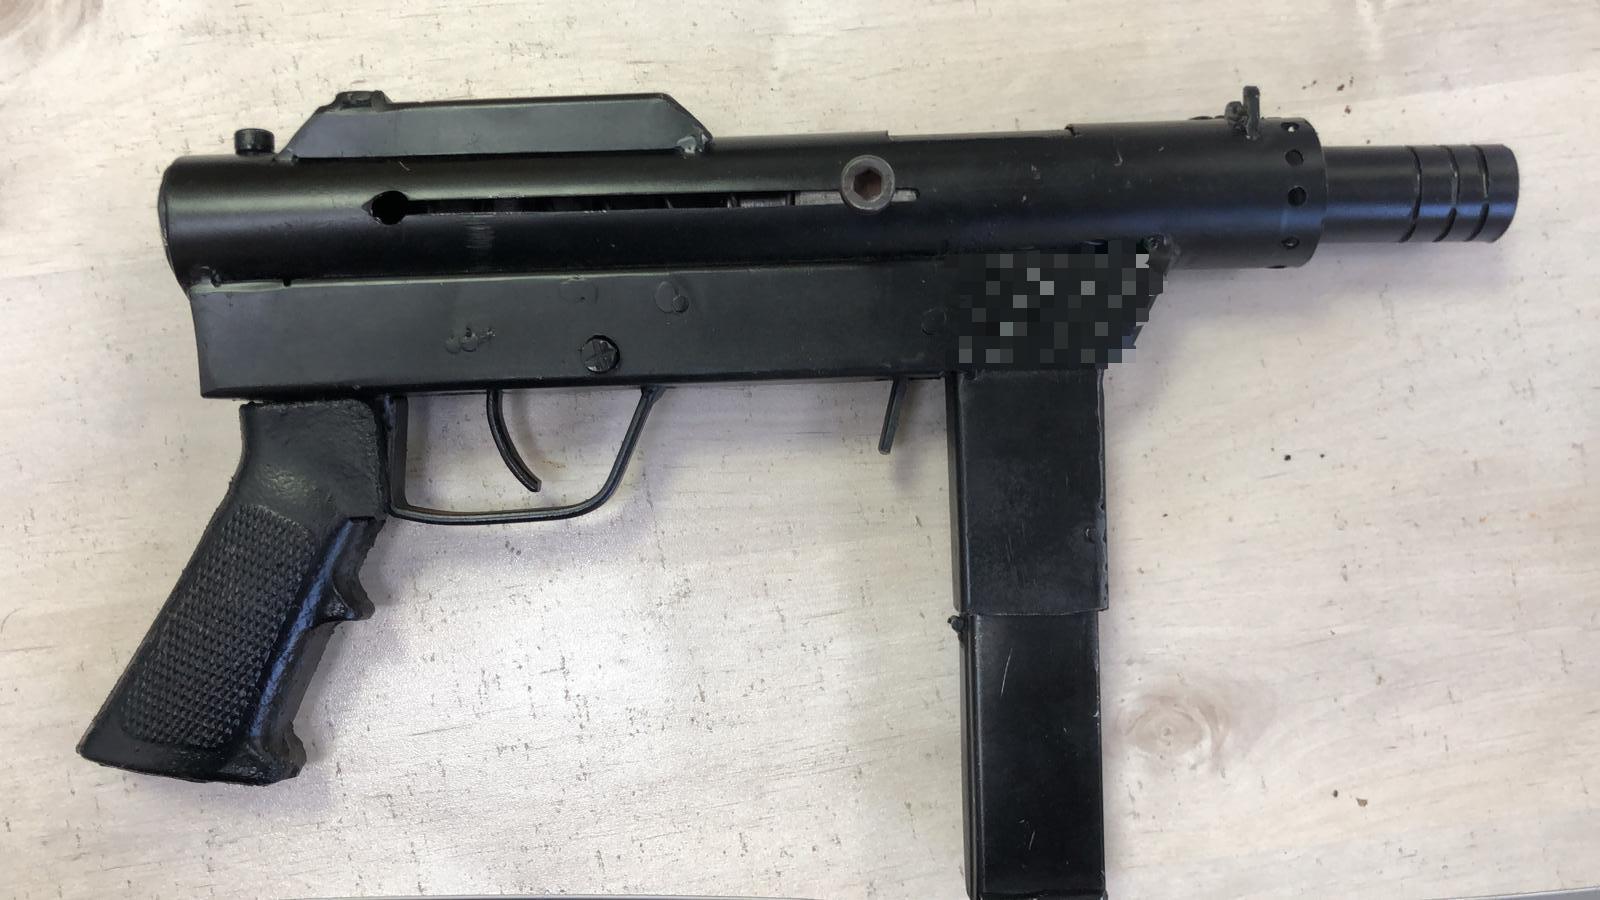 תמונה של נשק